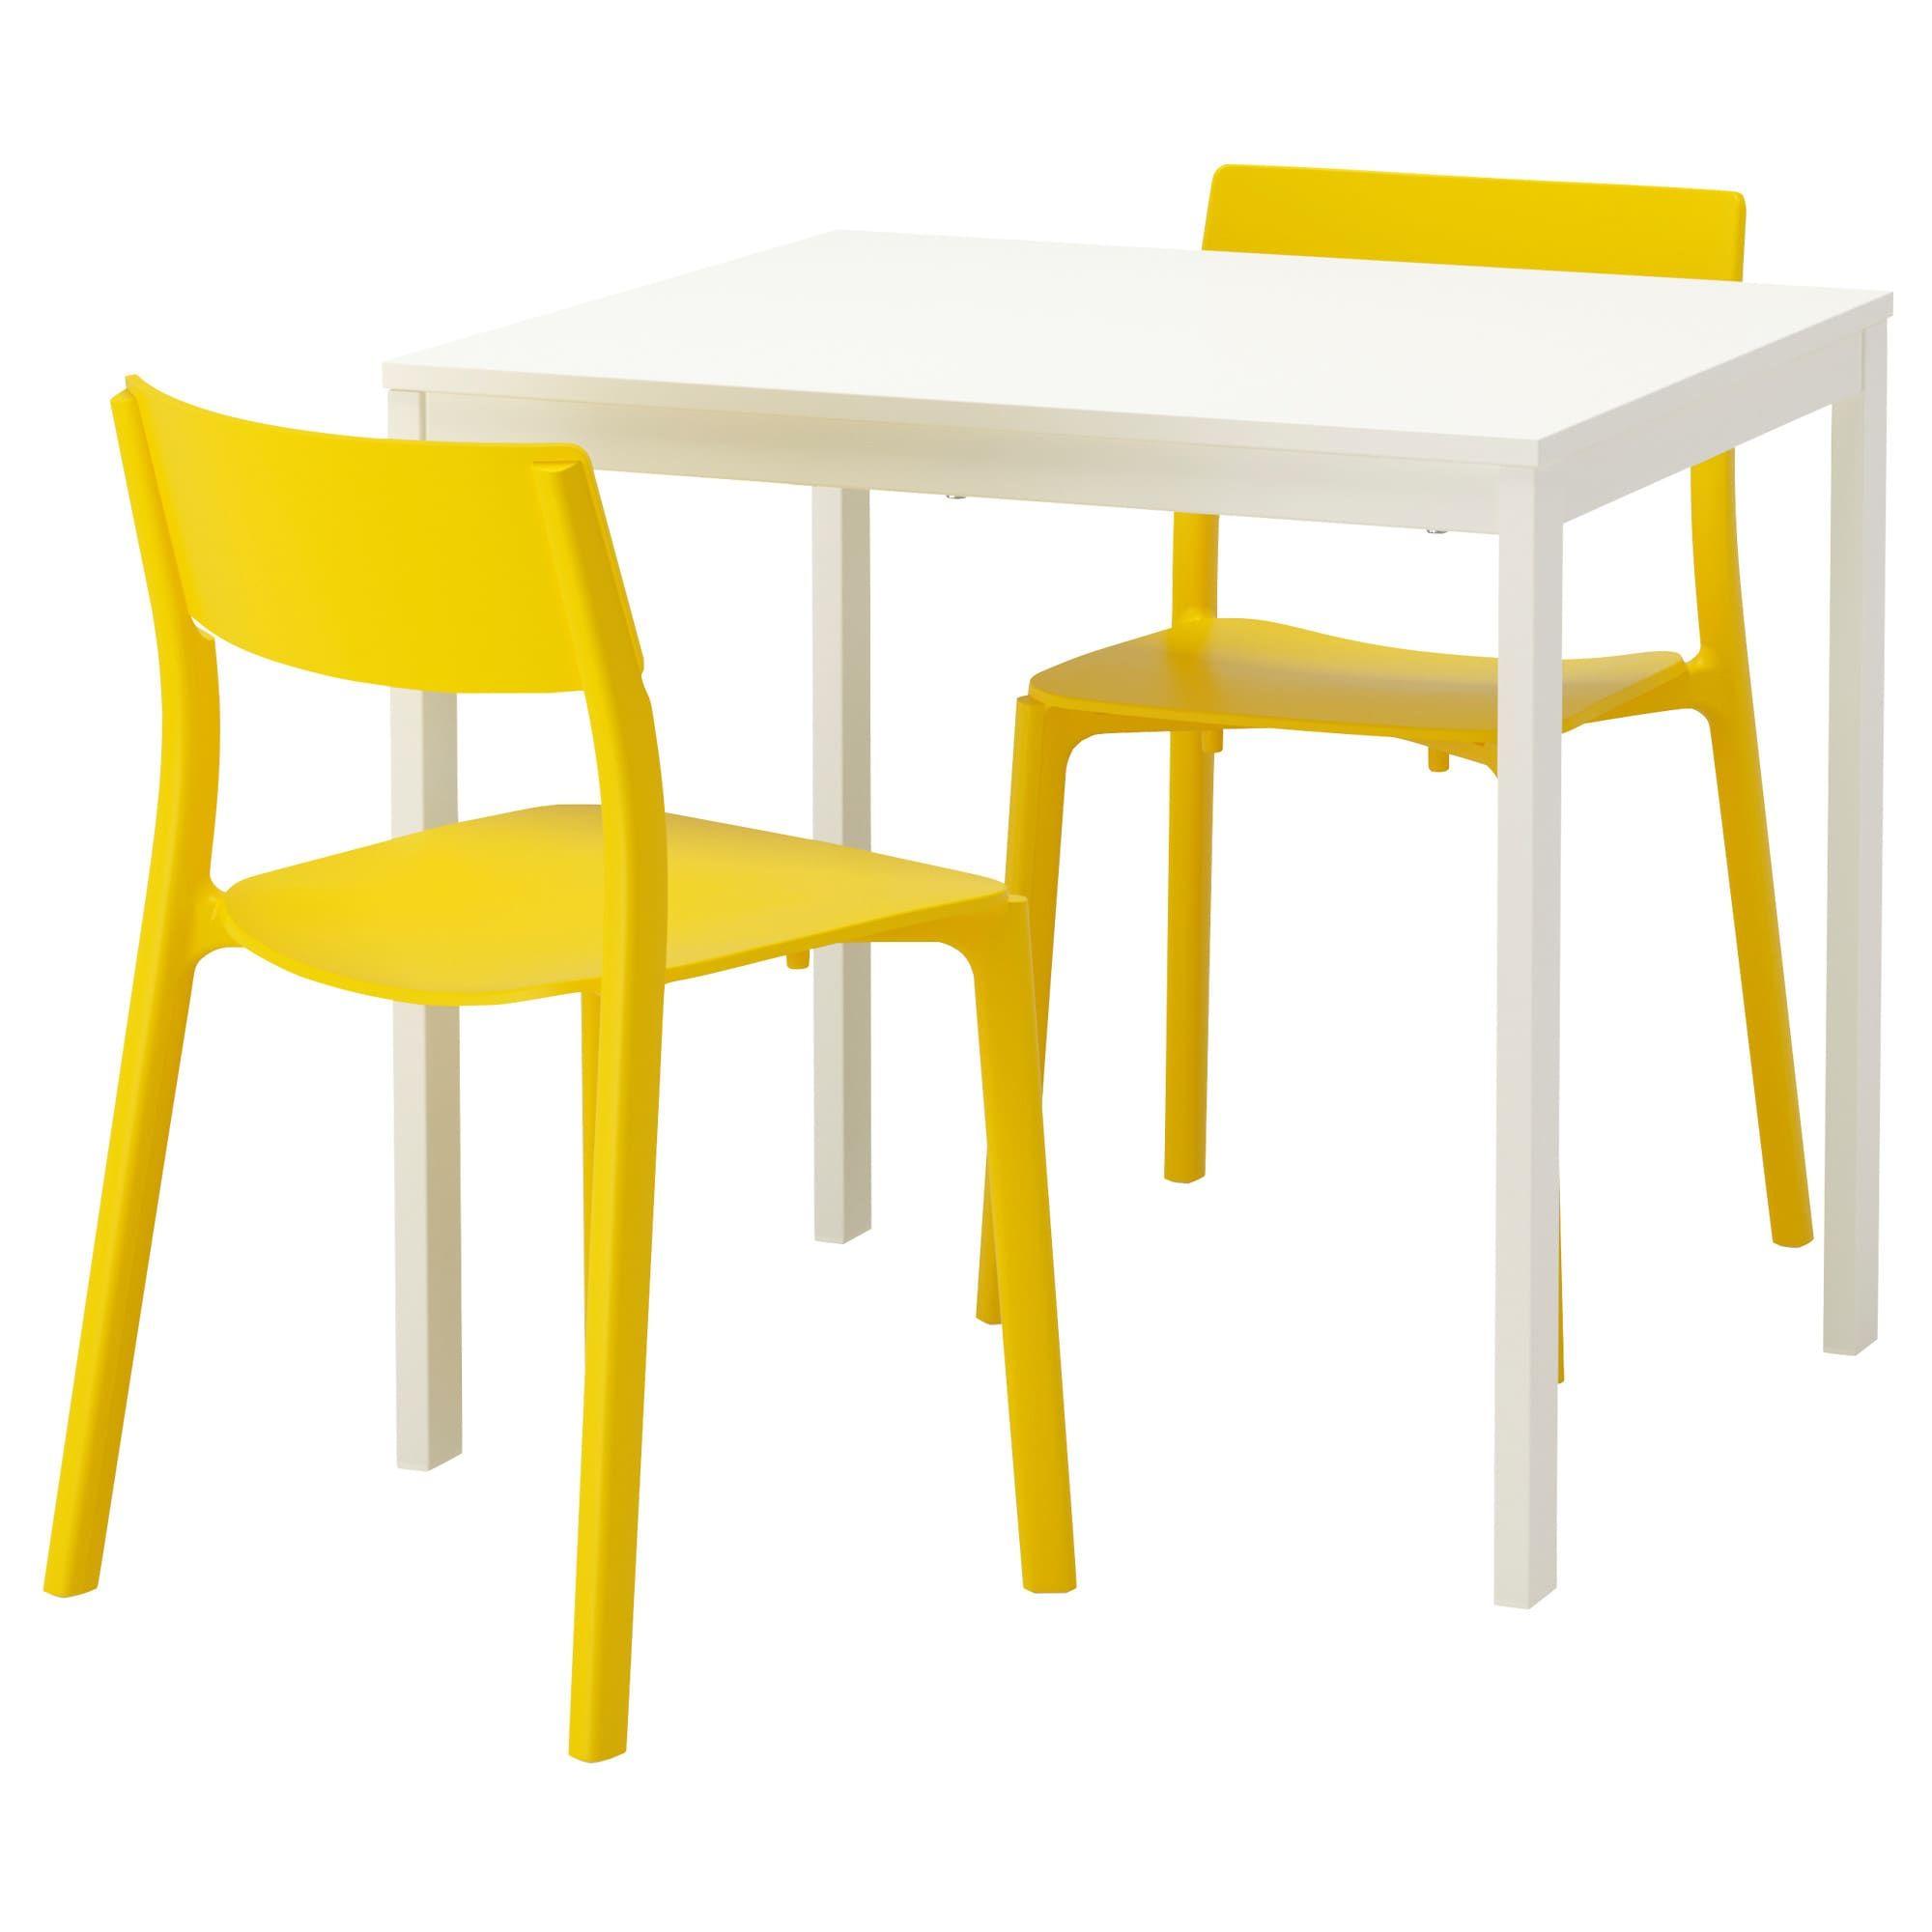 VANGSTA / JANINGE Tisch und 9 Stühle   weiß/gelb   IKEA ...